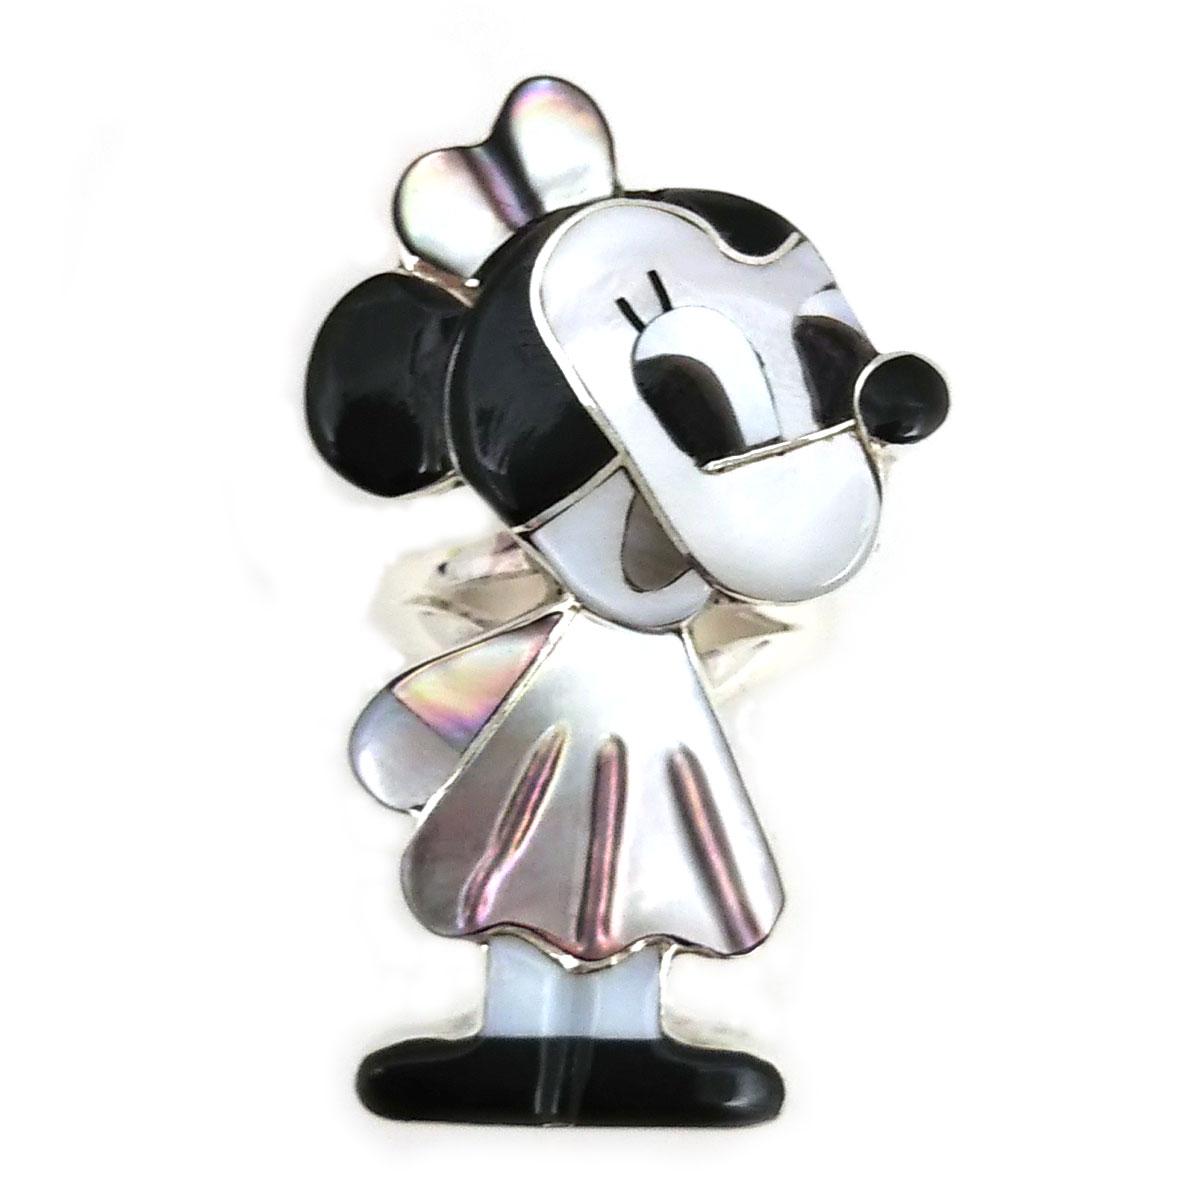 Paula Leekity Minnie Mouse Ring(ポーラ リーキティ ミニーマウス リング17号) ズニ族zuniインディアンジュエリーネイティブアメリカンインレイ技法シルバーシェル貝オニキスサンゴ指輪ヴィンテージジュエリービンテージアンティーク